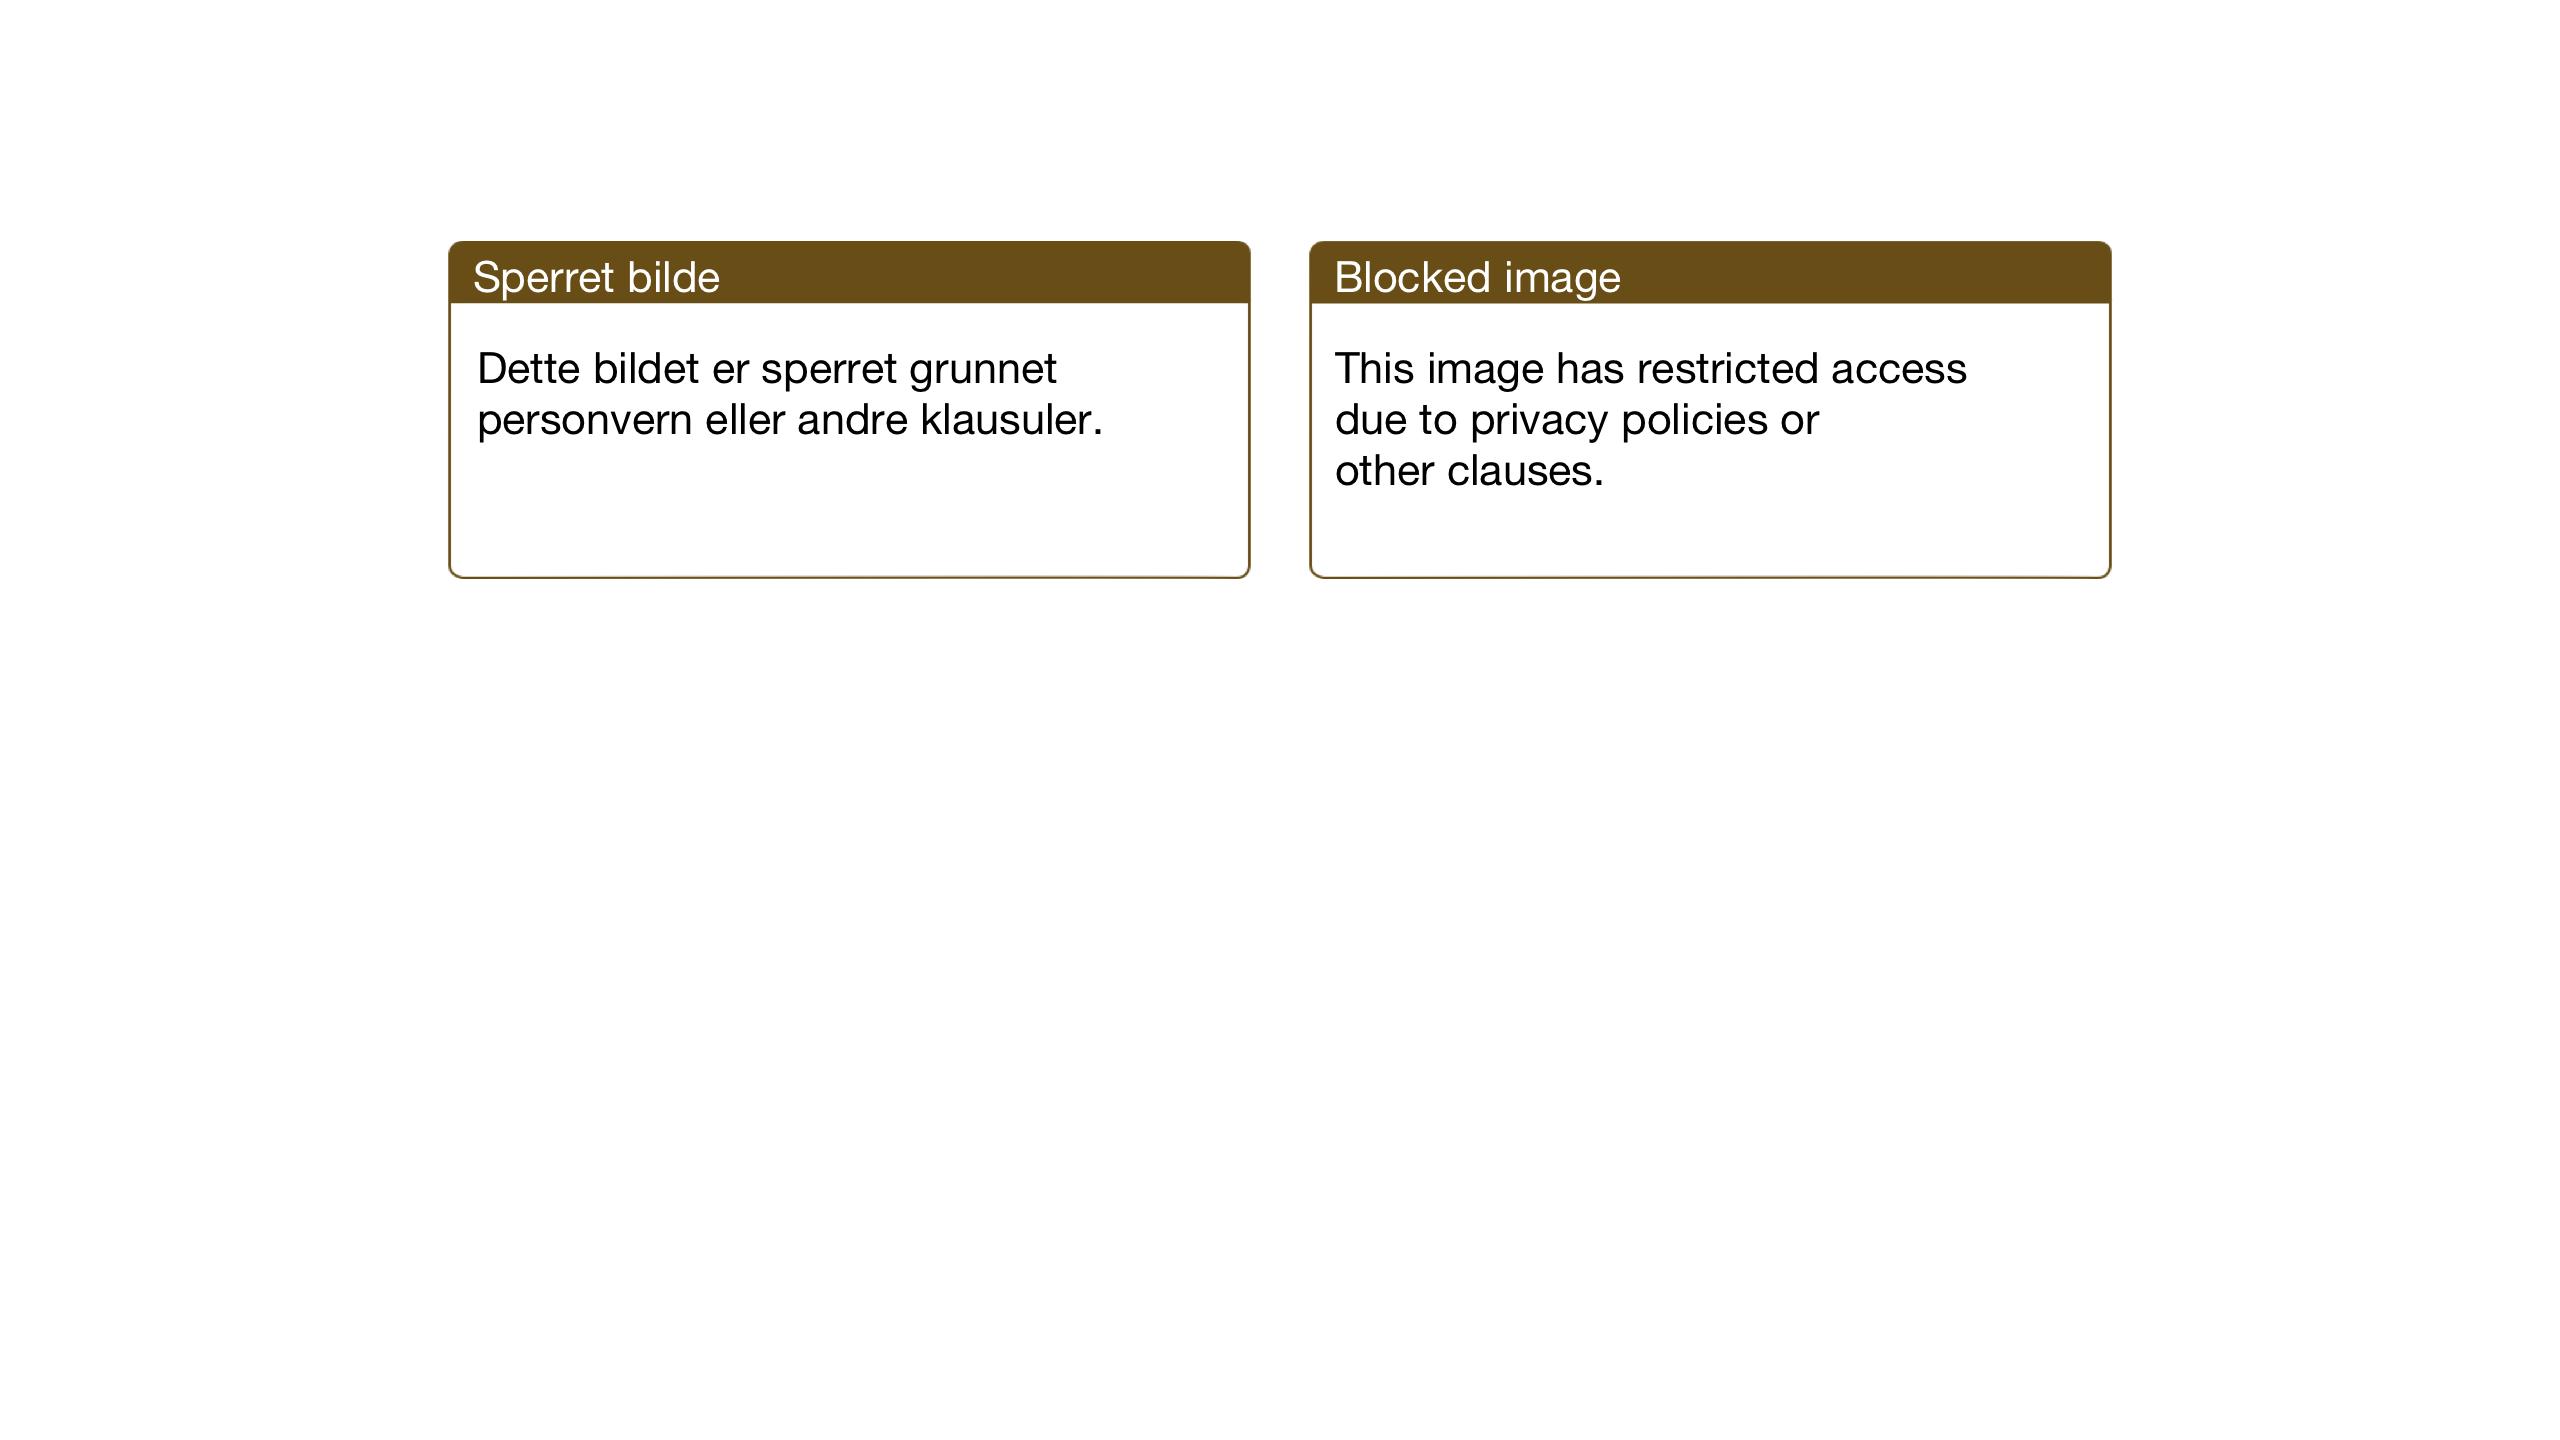 SAT, Ministerialprotokoller, klokkerbøker og fødselsregistre - Nord-Trøndelag, 722/L0227: Klokkerbok nr. 722C03, 1928-1958, s. 45